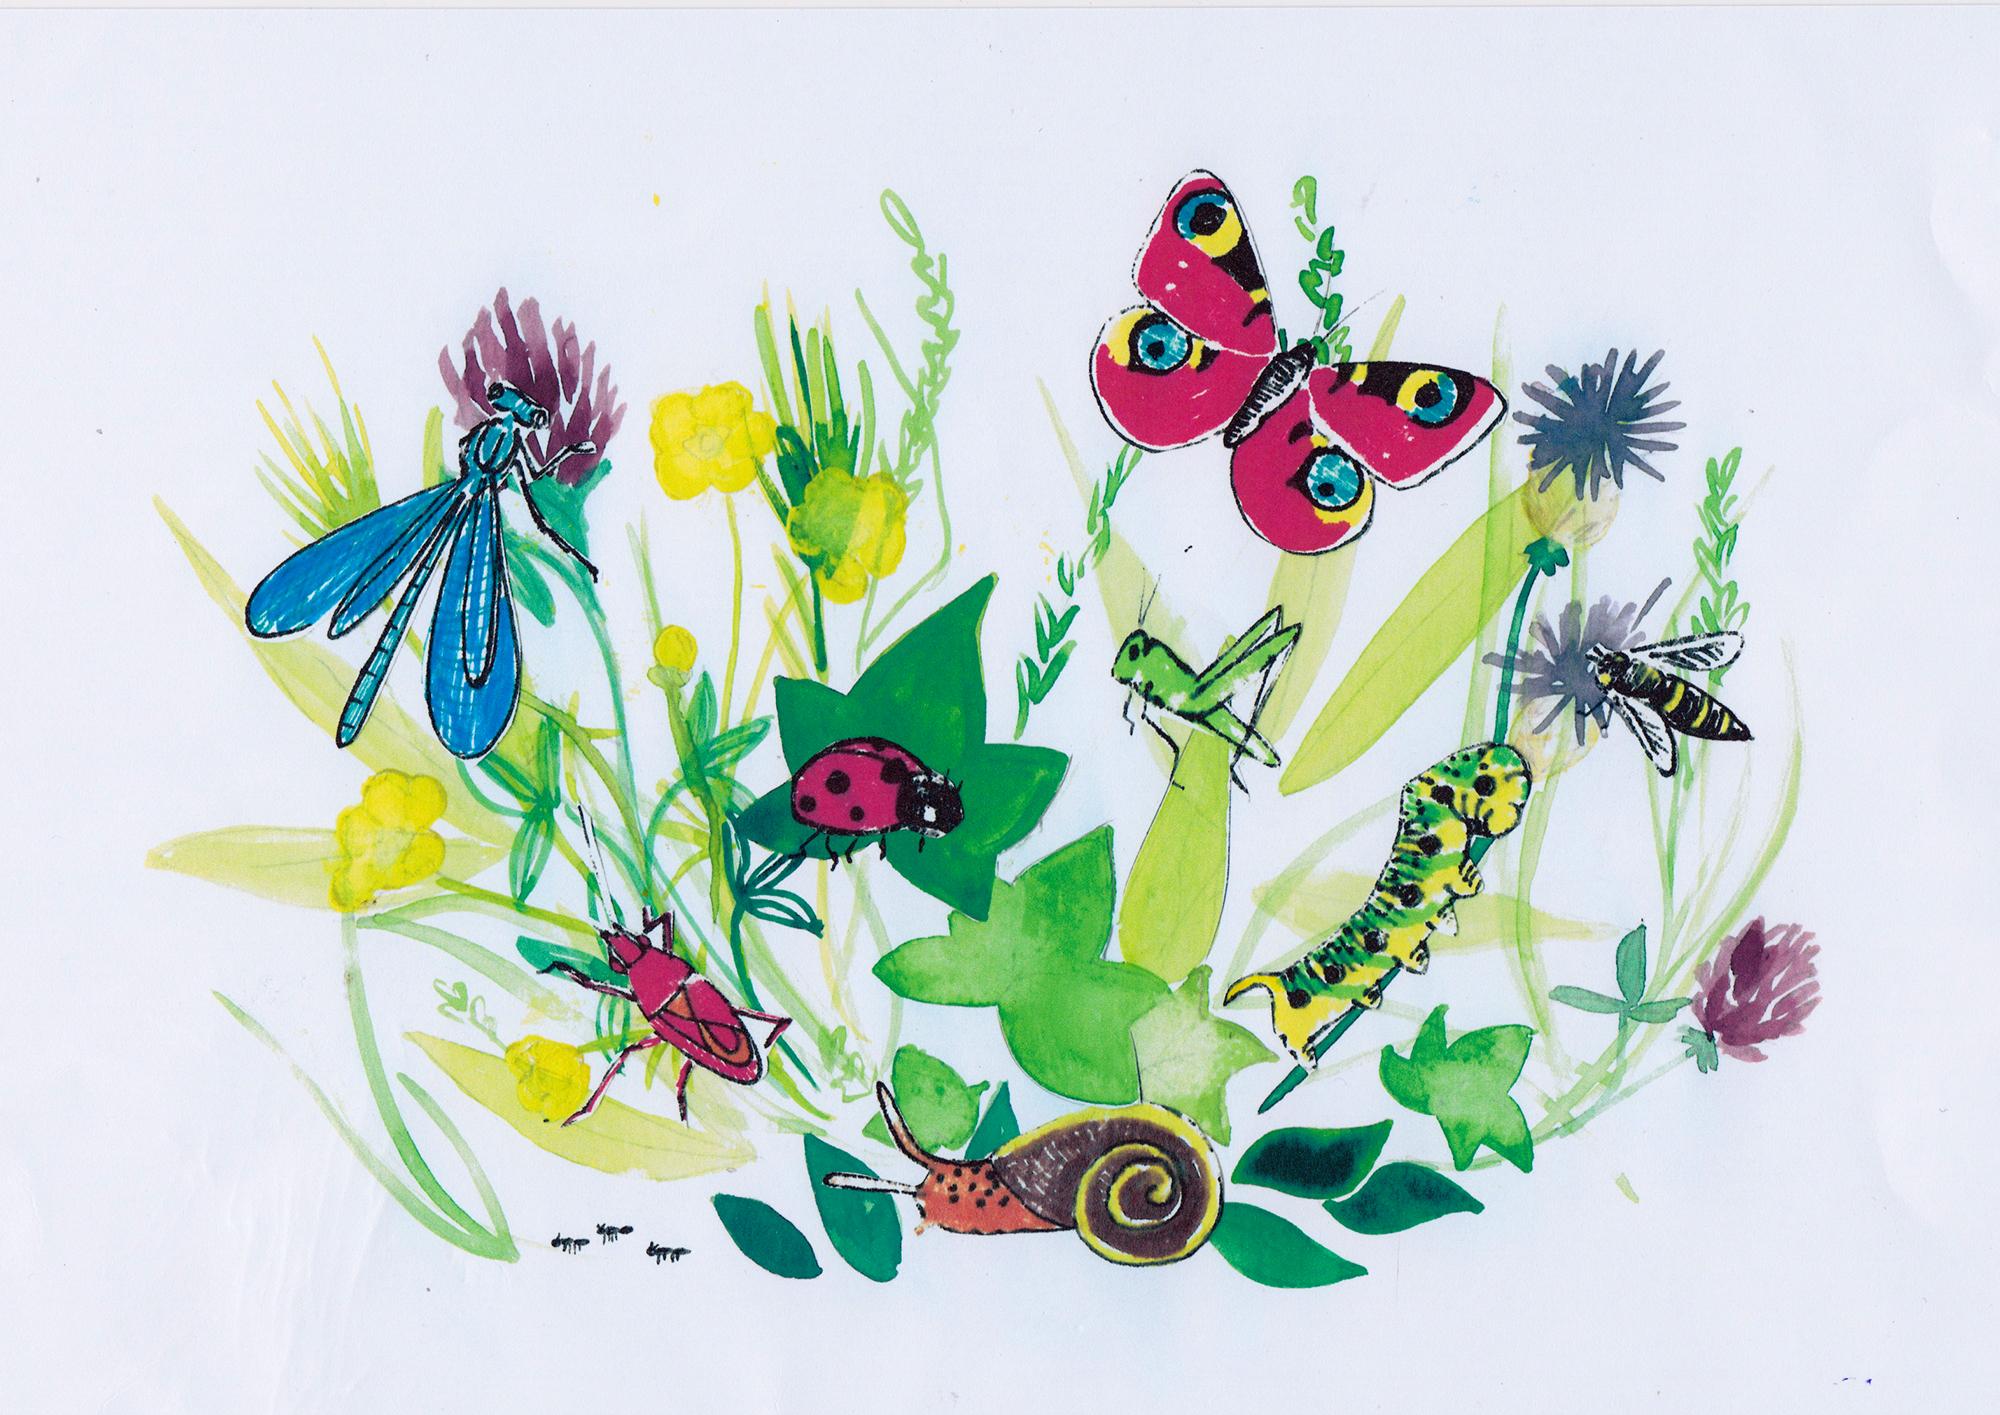 Mik & het kleine insectenboek